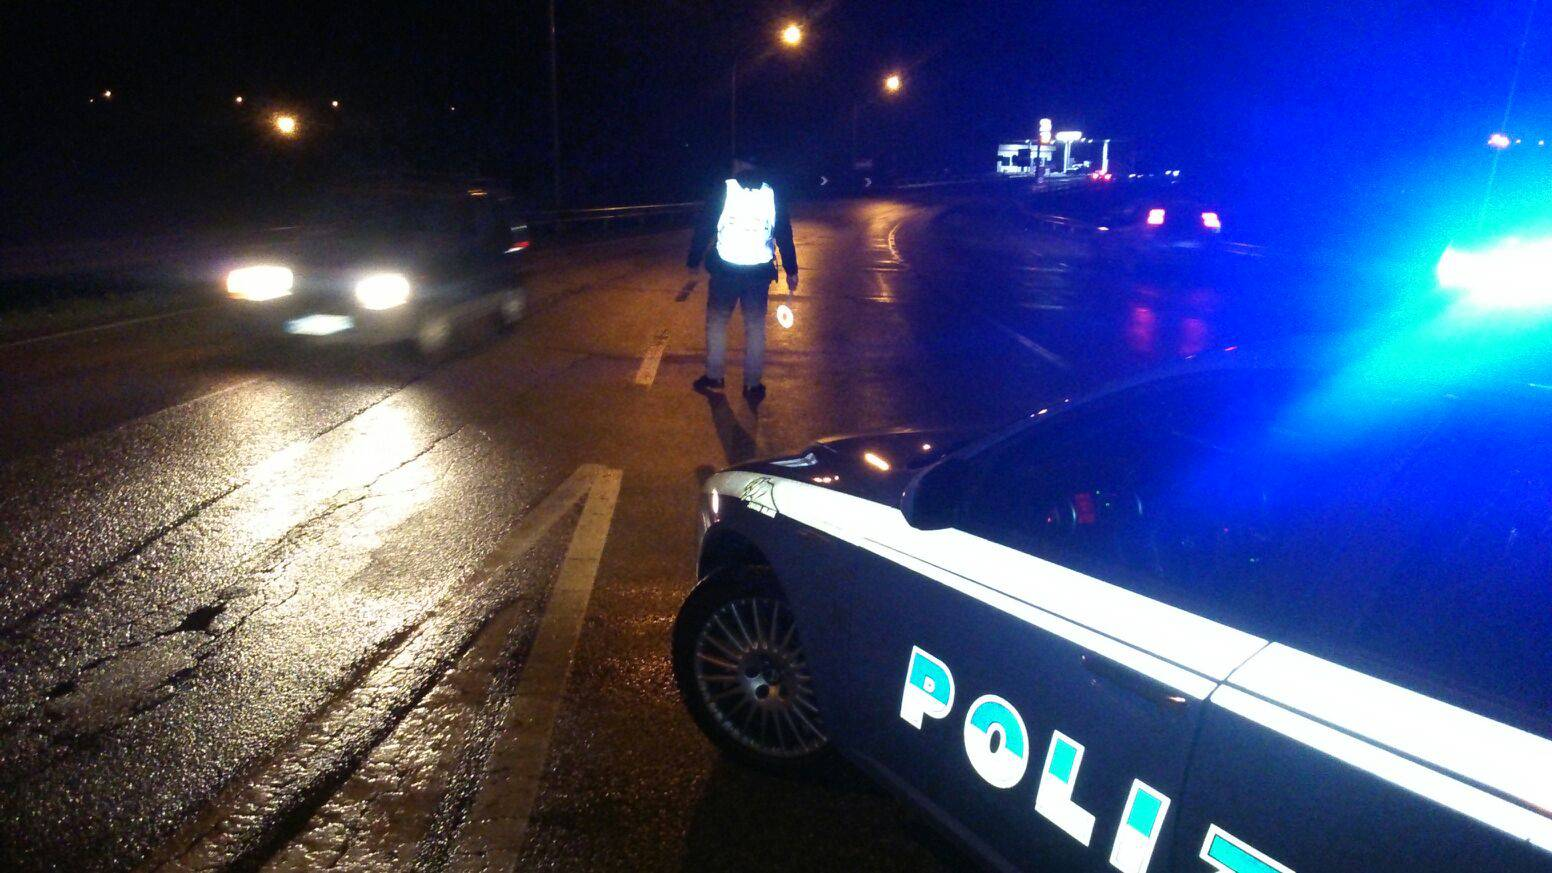 Christian Barzan Litiga con la fidanzata poi provoca incidente stradale - Leggilo